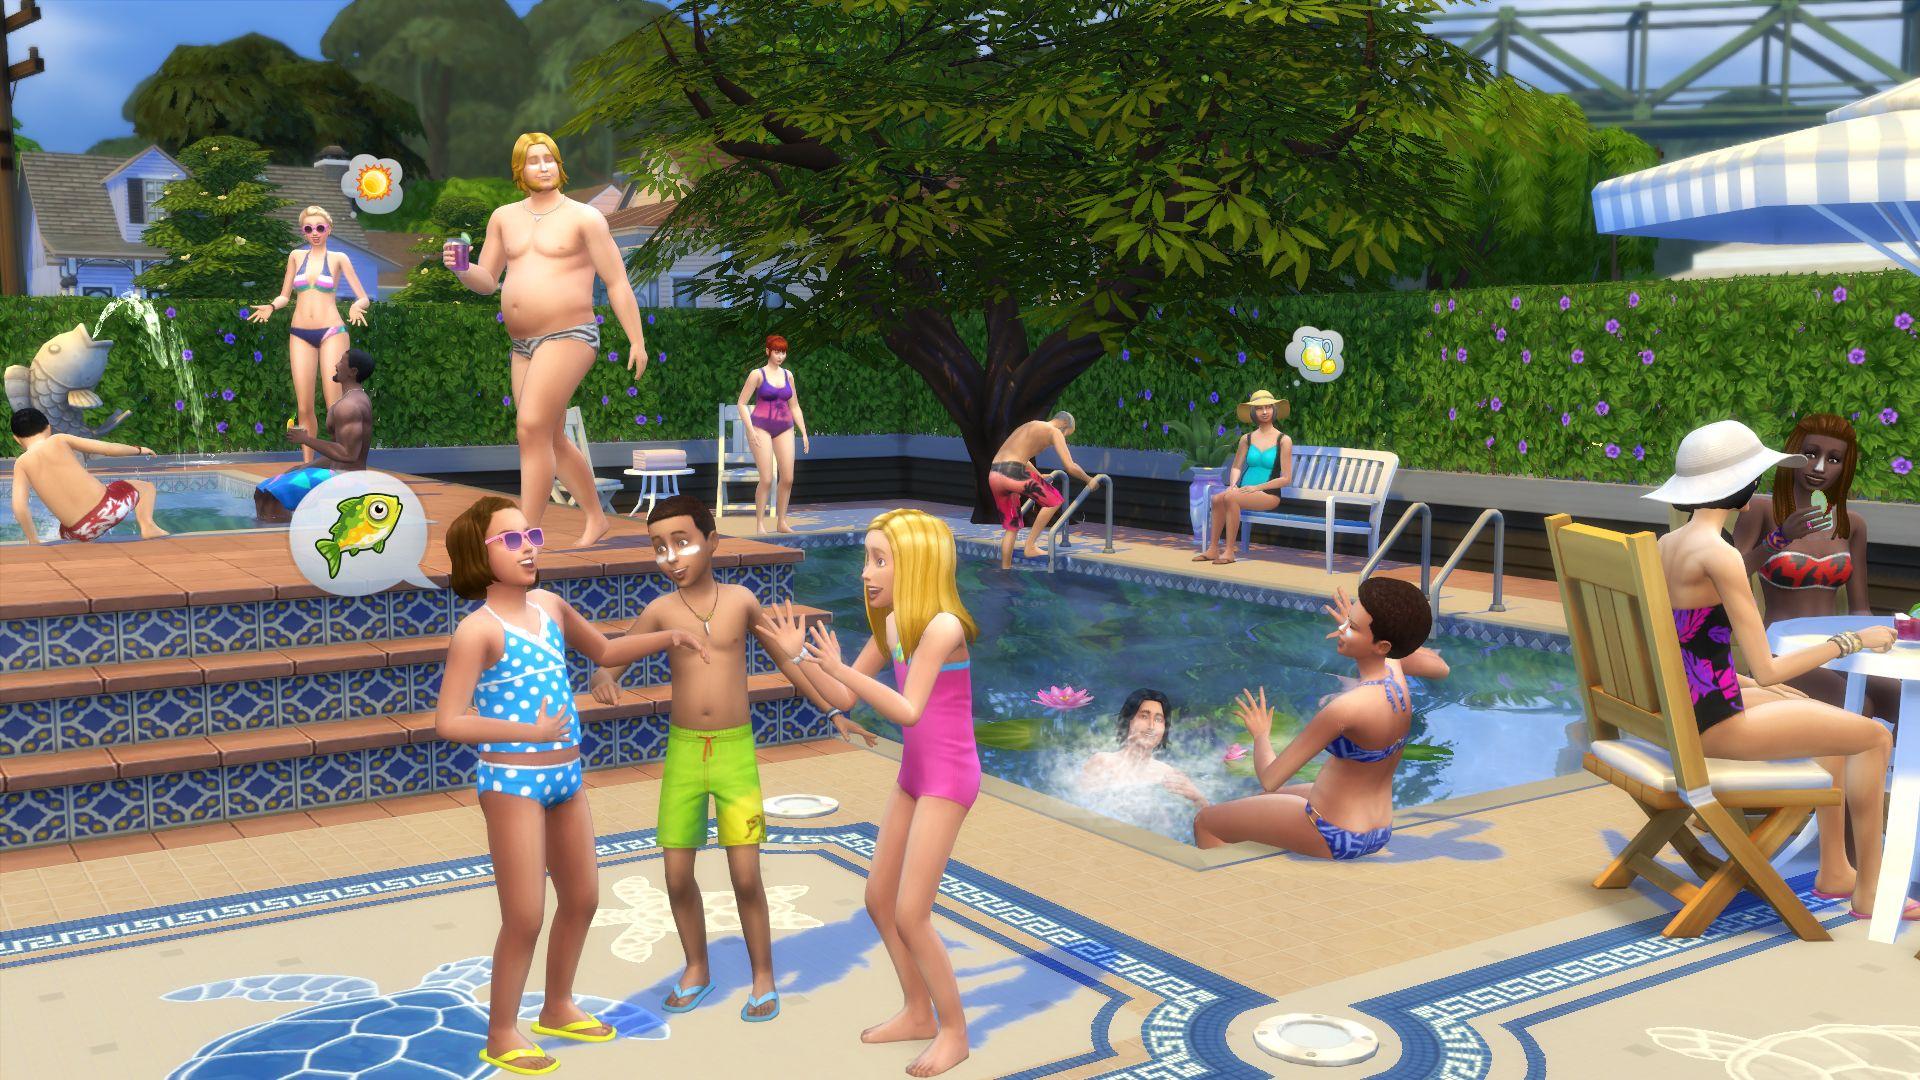 Los Sims 4 Digital Deluxe pc